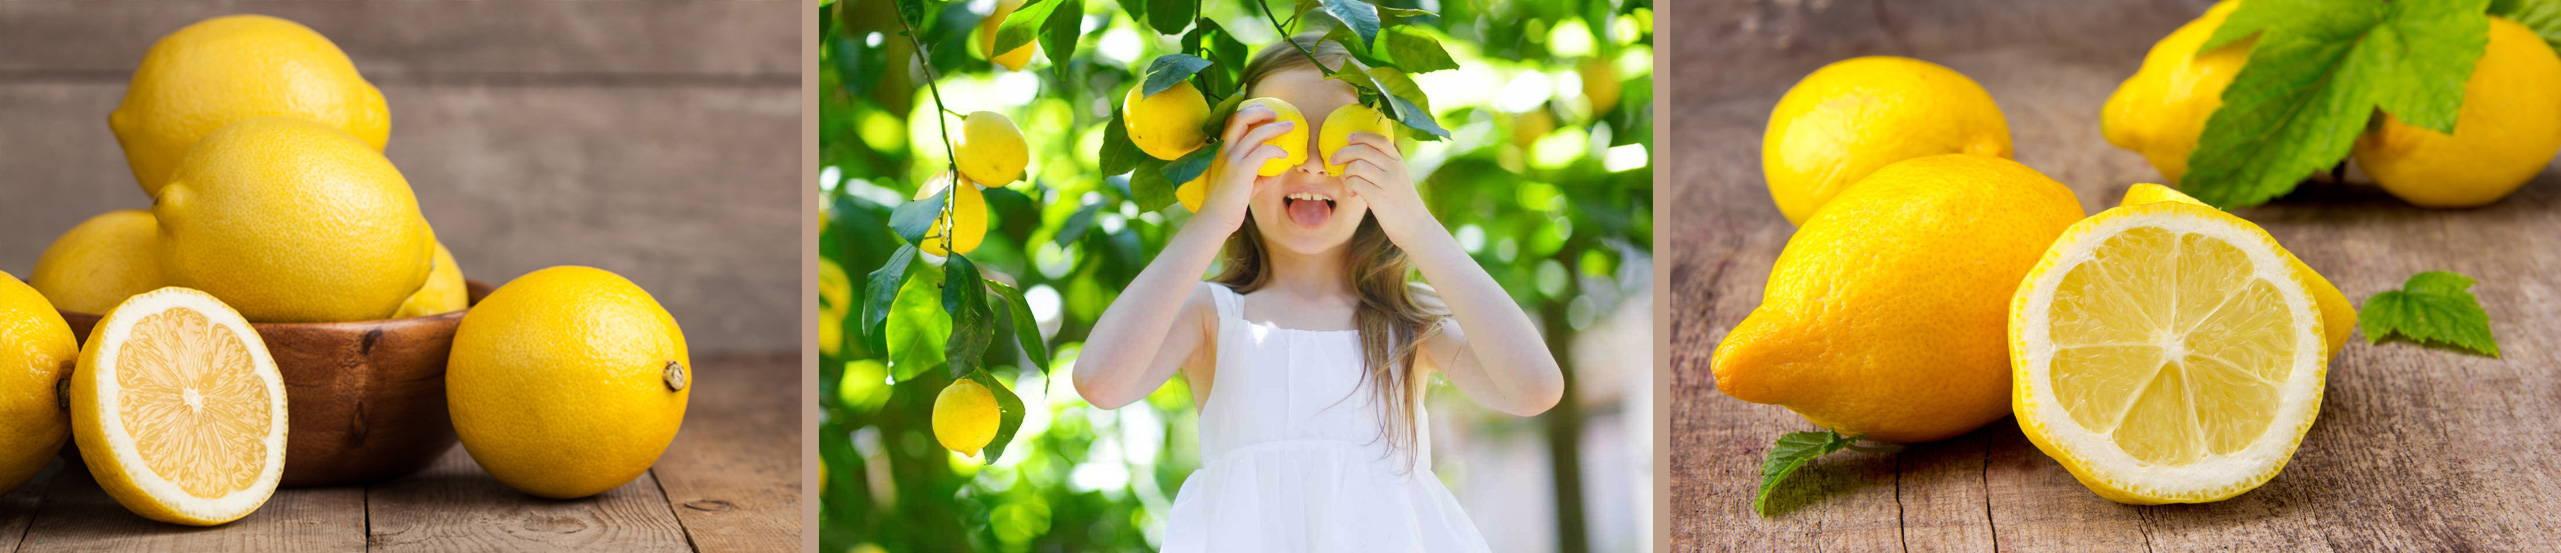 Meyer Lemon Banner